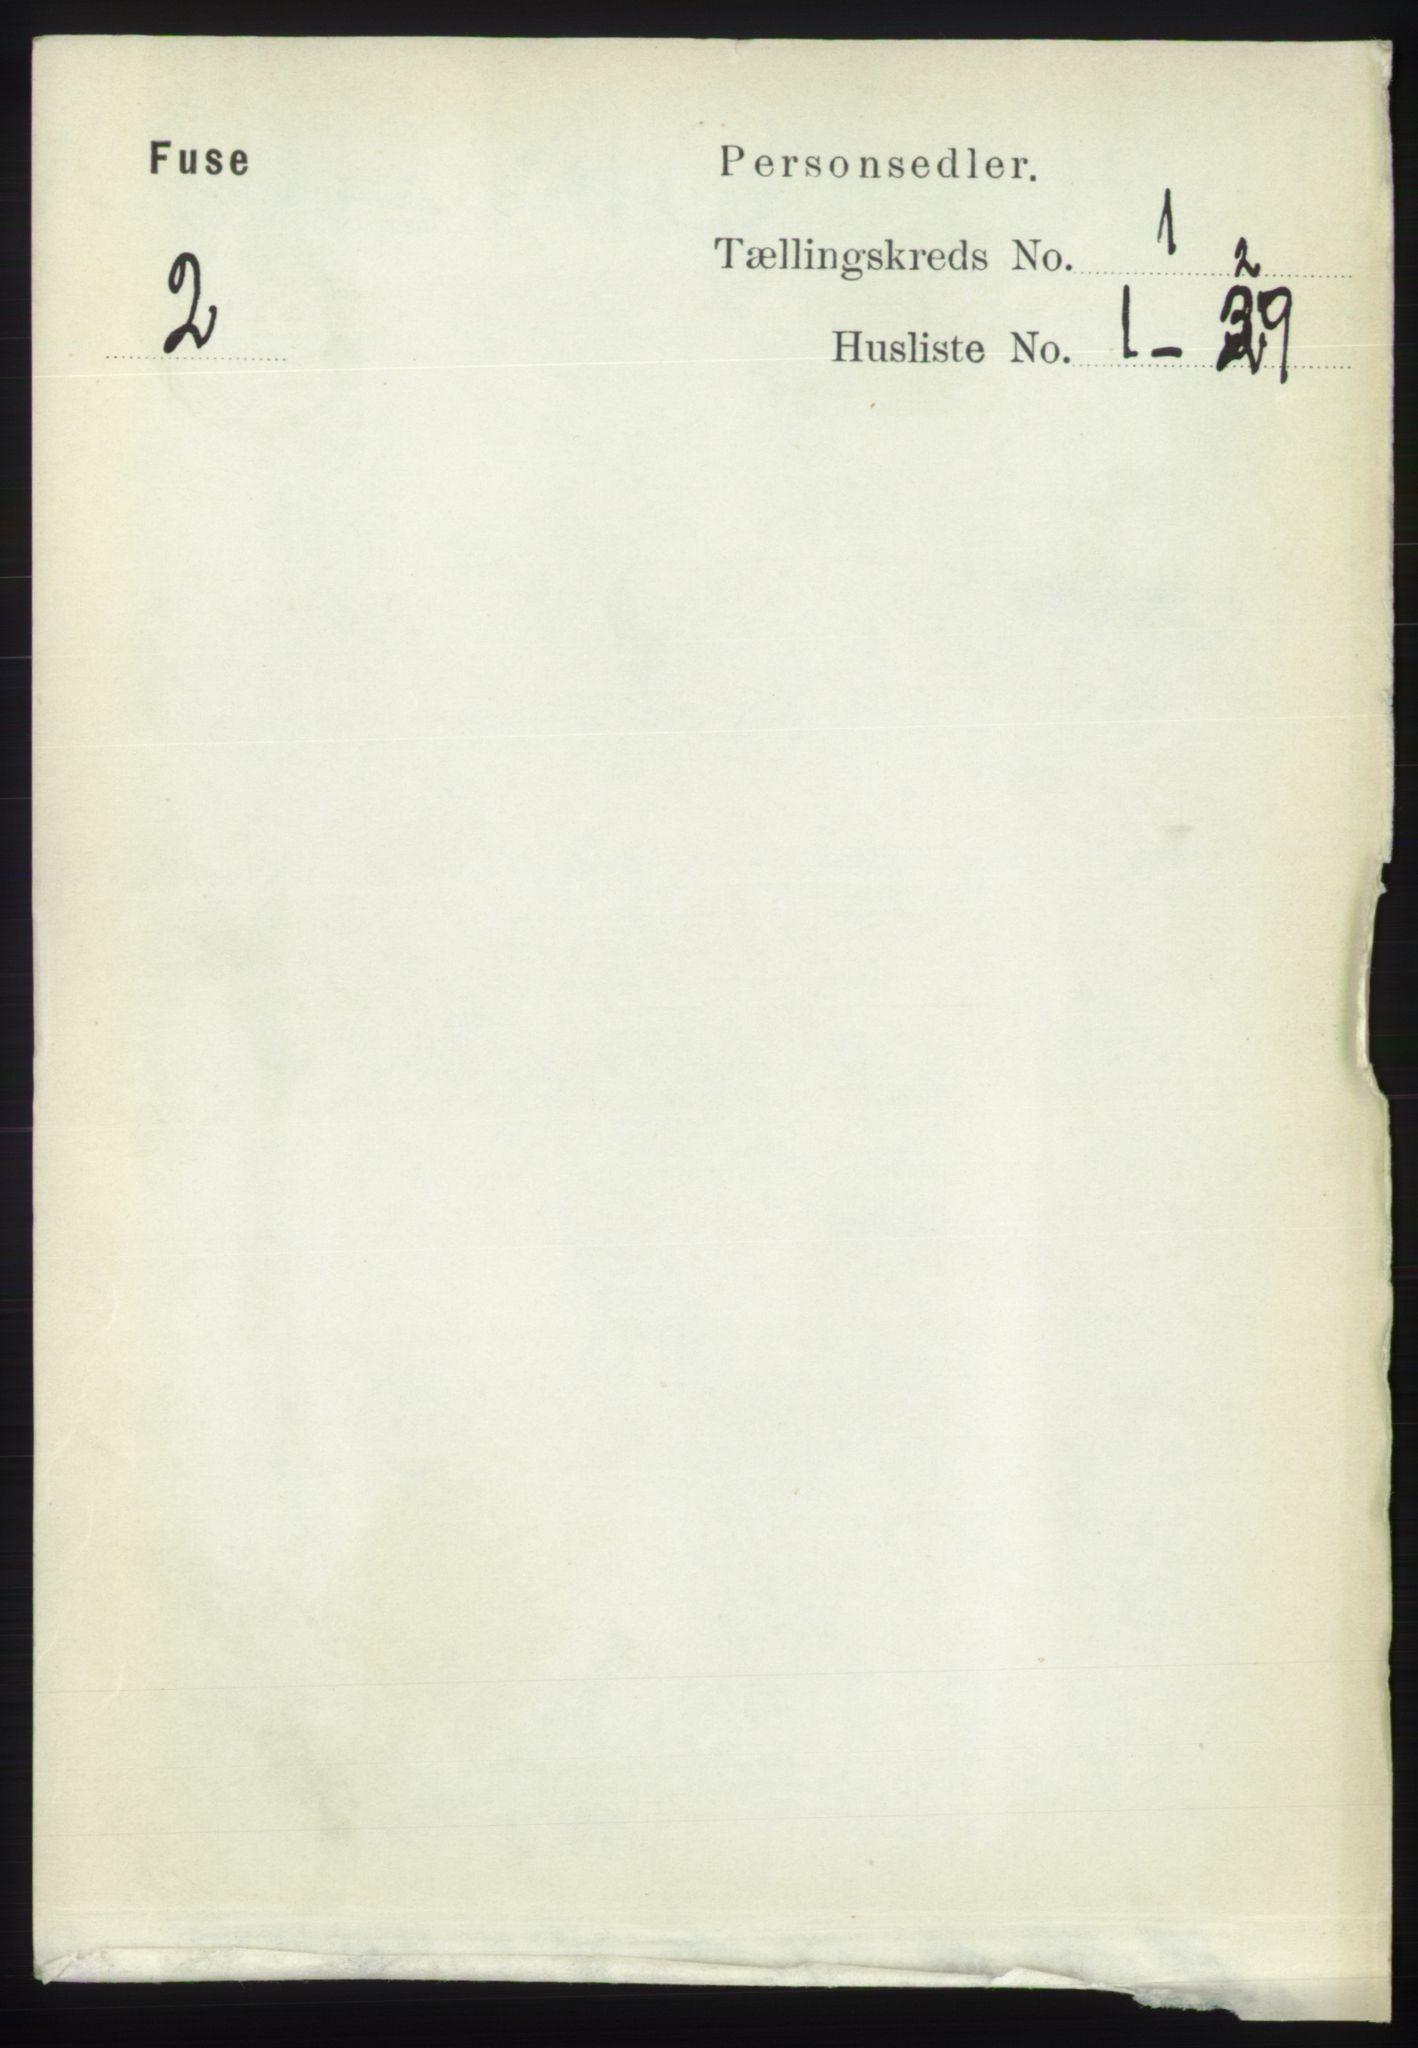 RA, Folketelling 1891 for 1241 Fusa herred, 1891, s. 71